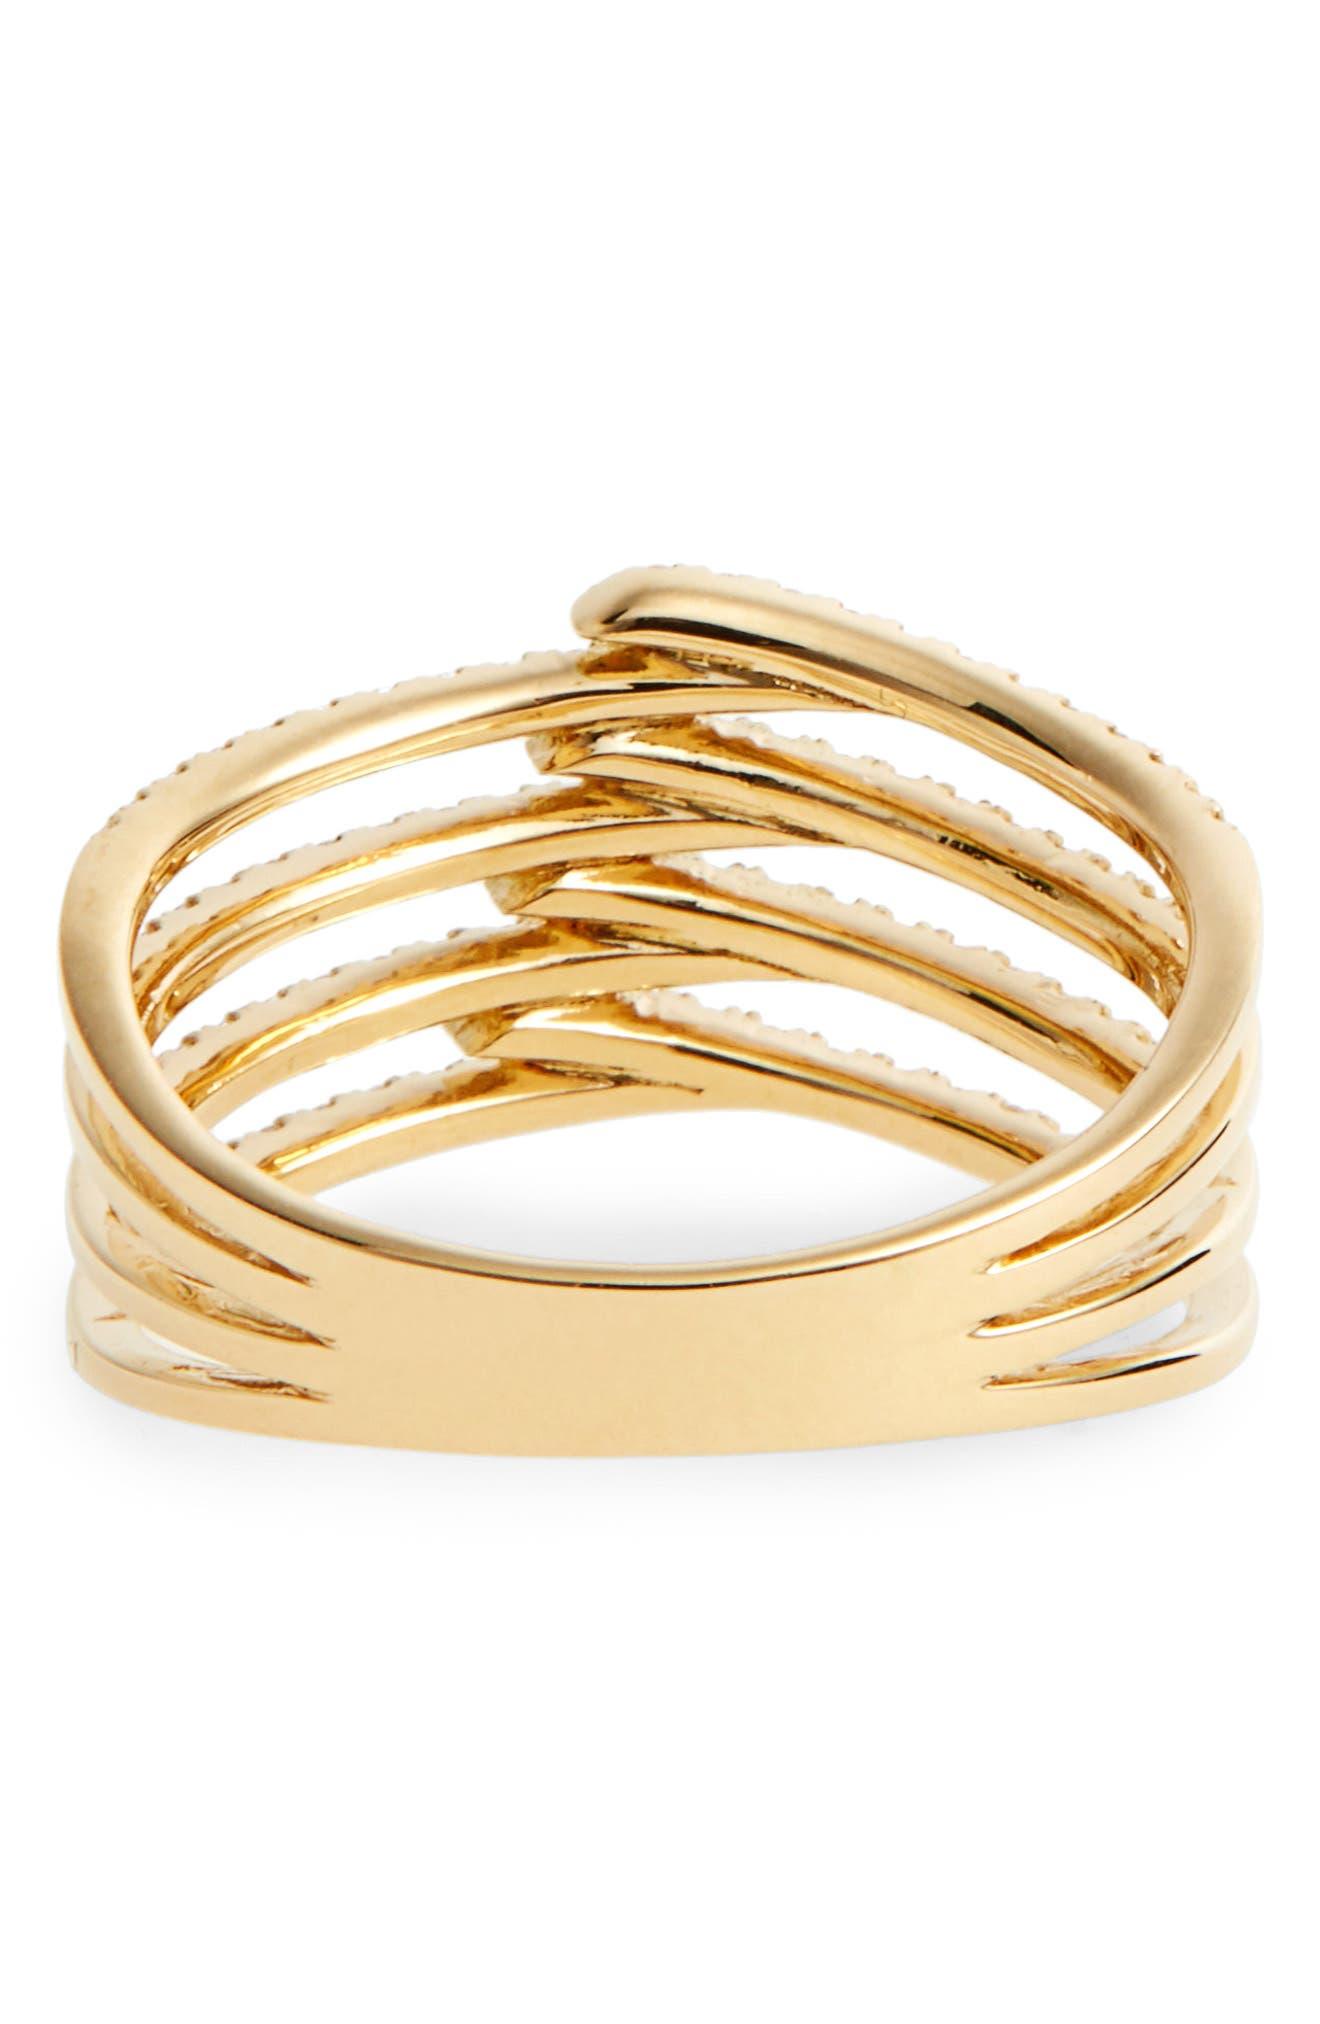 Kiera Four-Row Diamond Ring,                             Alternate thumbnail 4, color,                             YELLOW GOLD